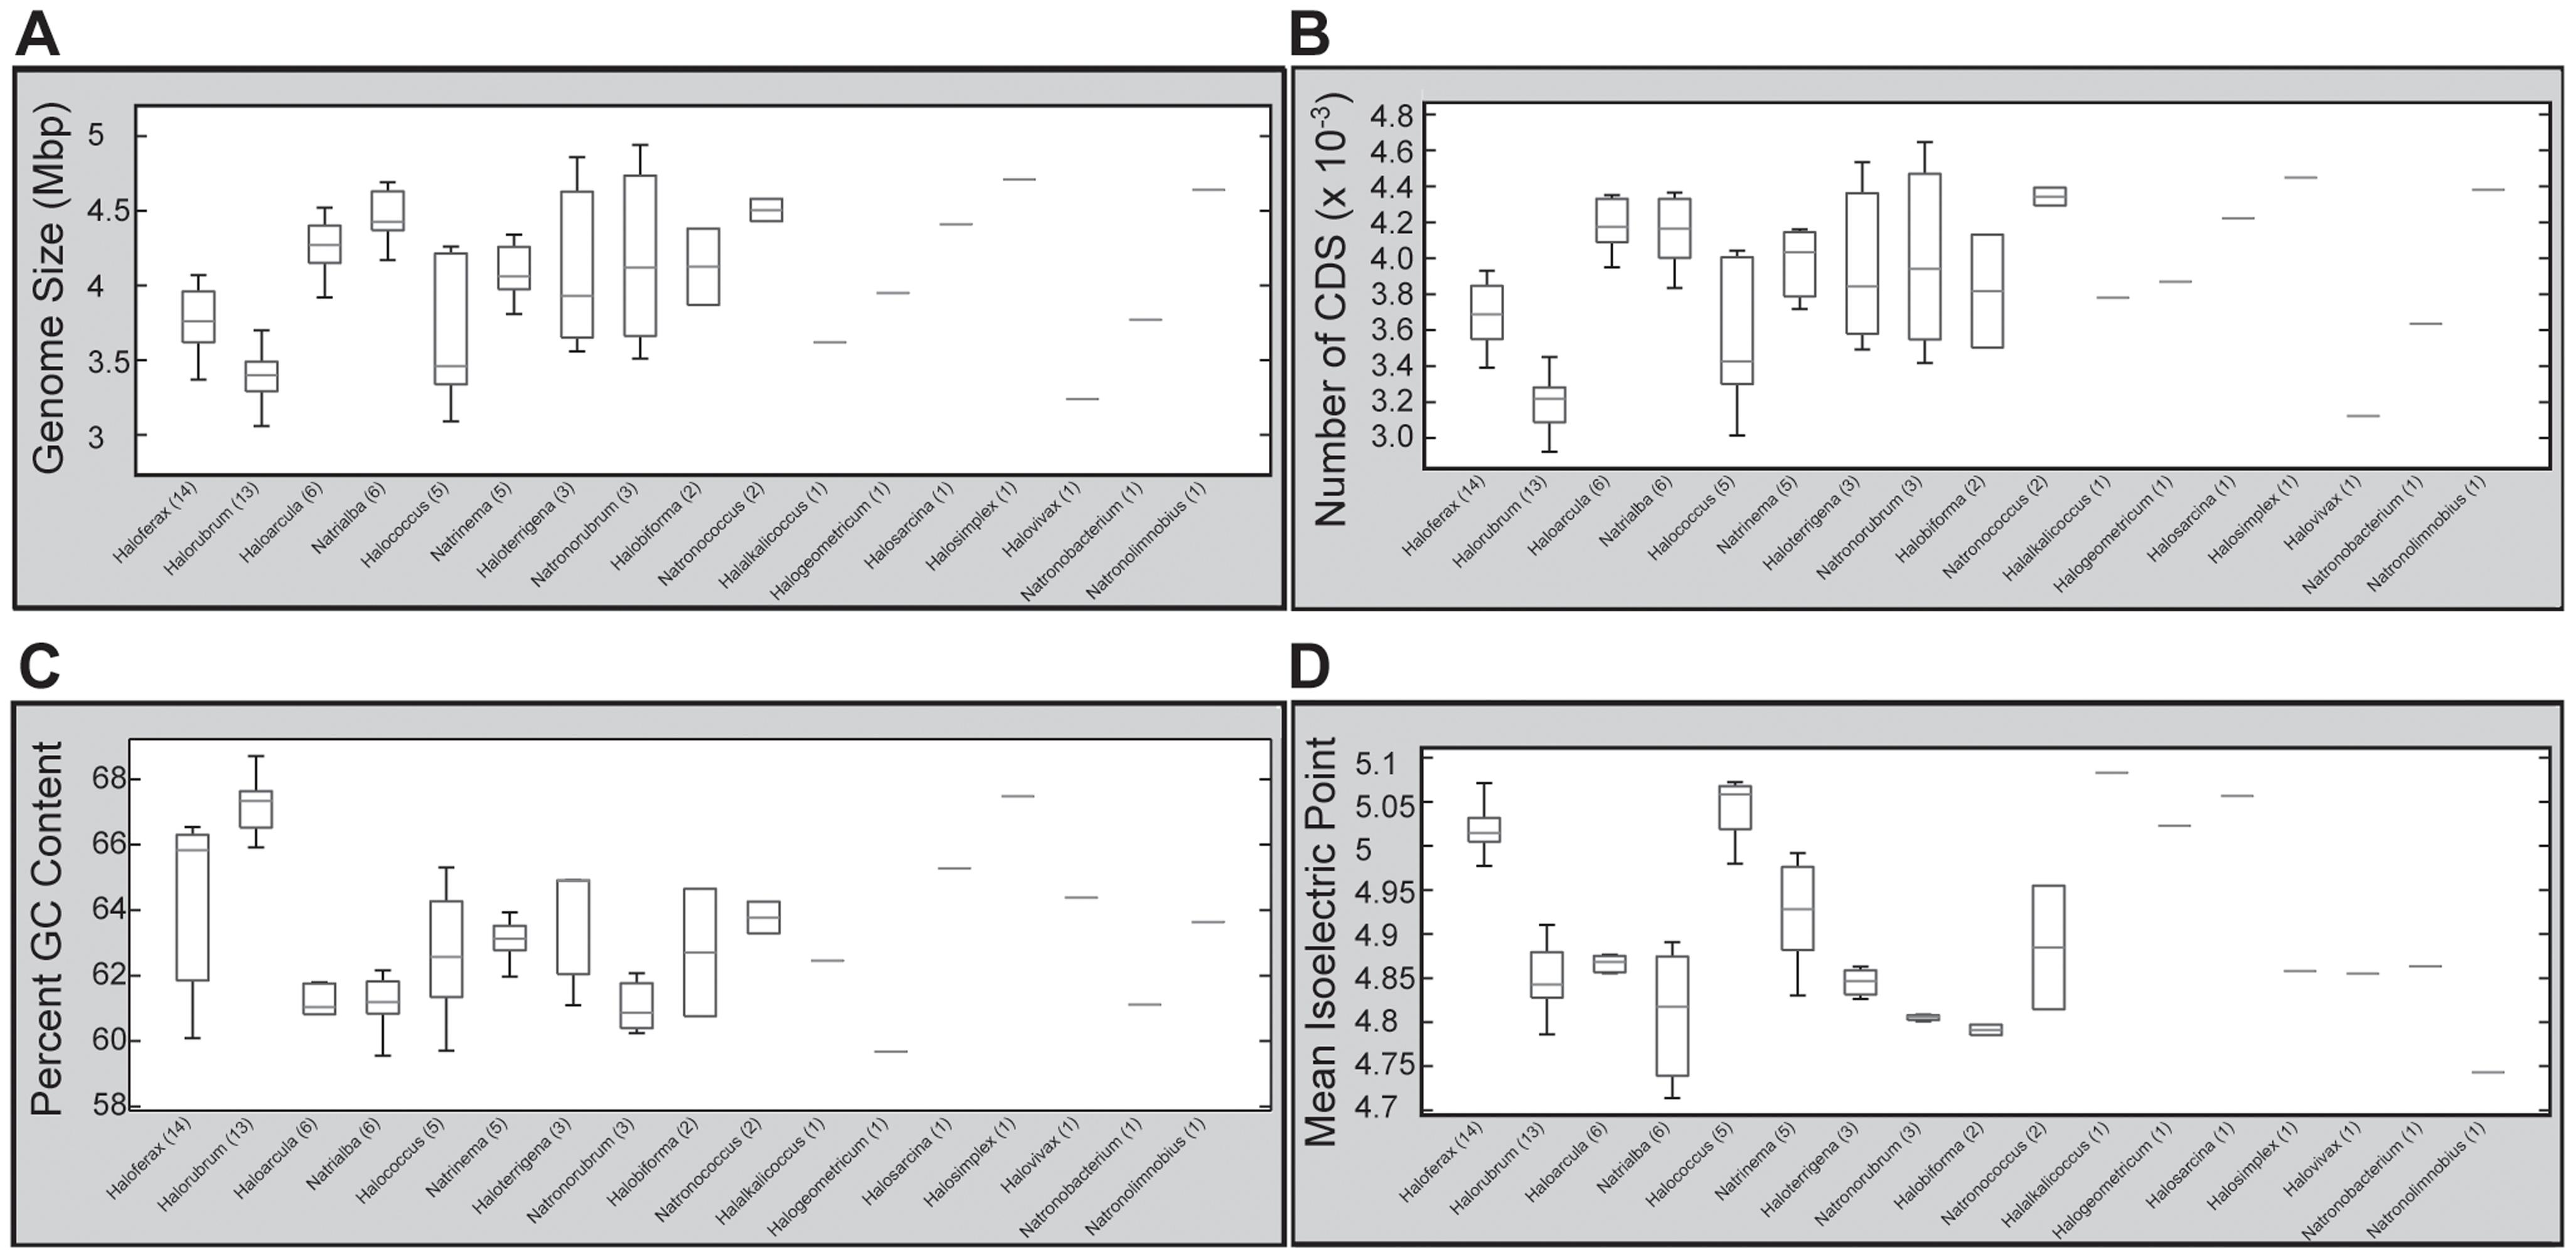 Genera-level comparisons of genomic features.